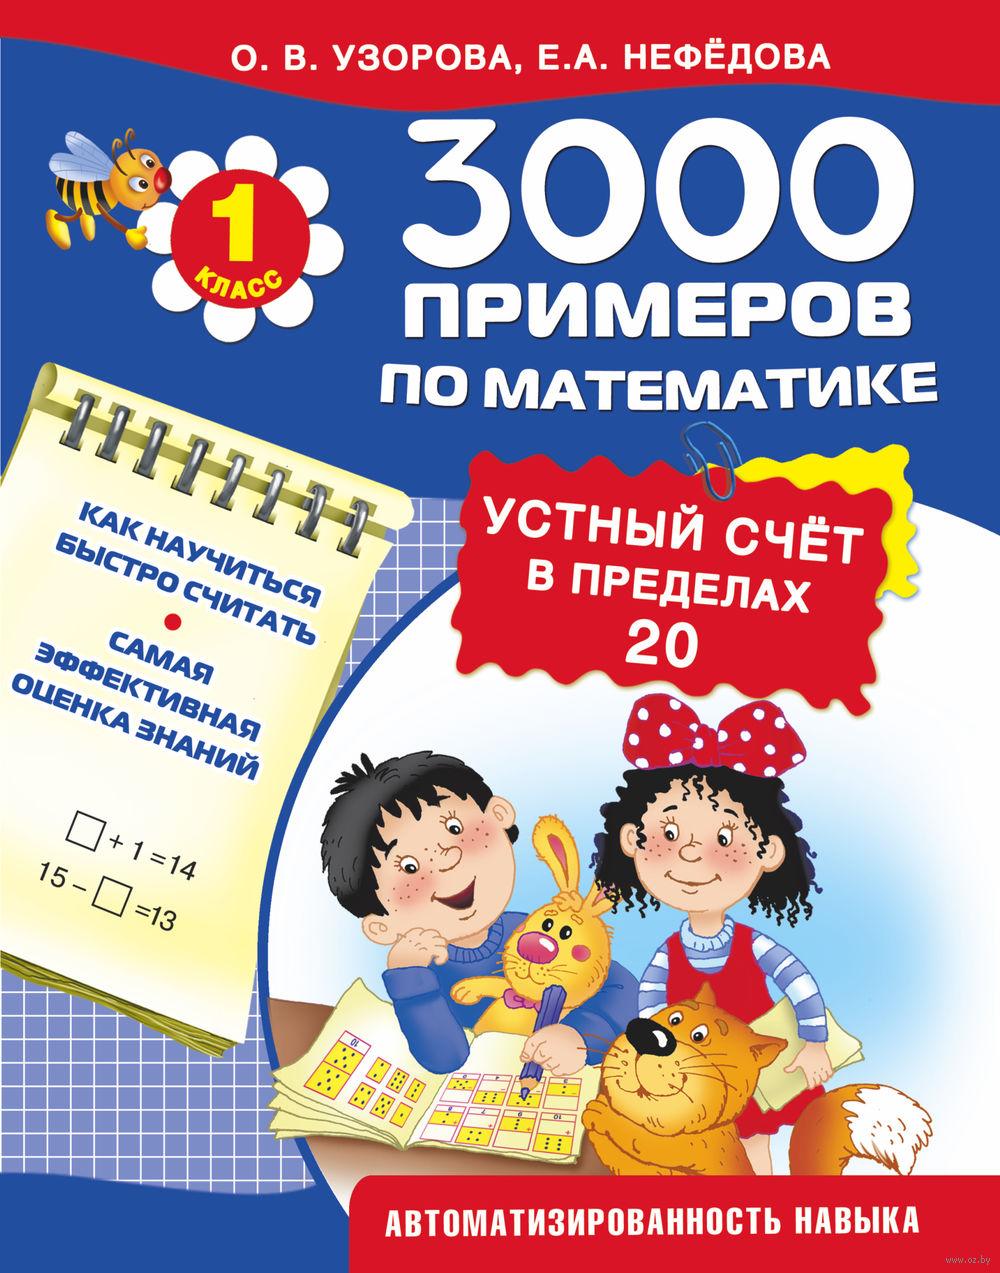 примеров по математике Устный счет в пределах класс  3000 примеров по математике Устный счет Счет в пределах 20 1 класс